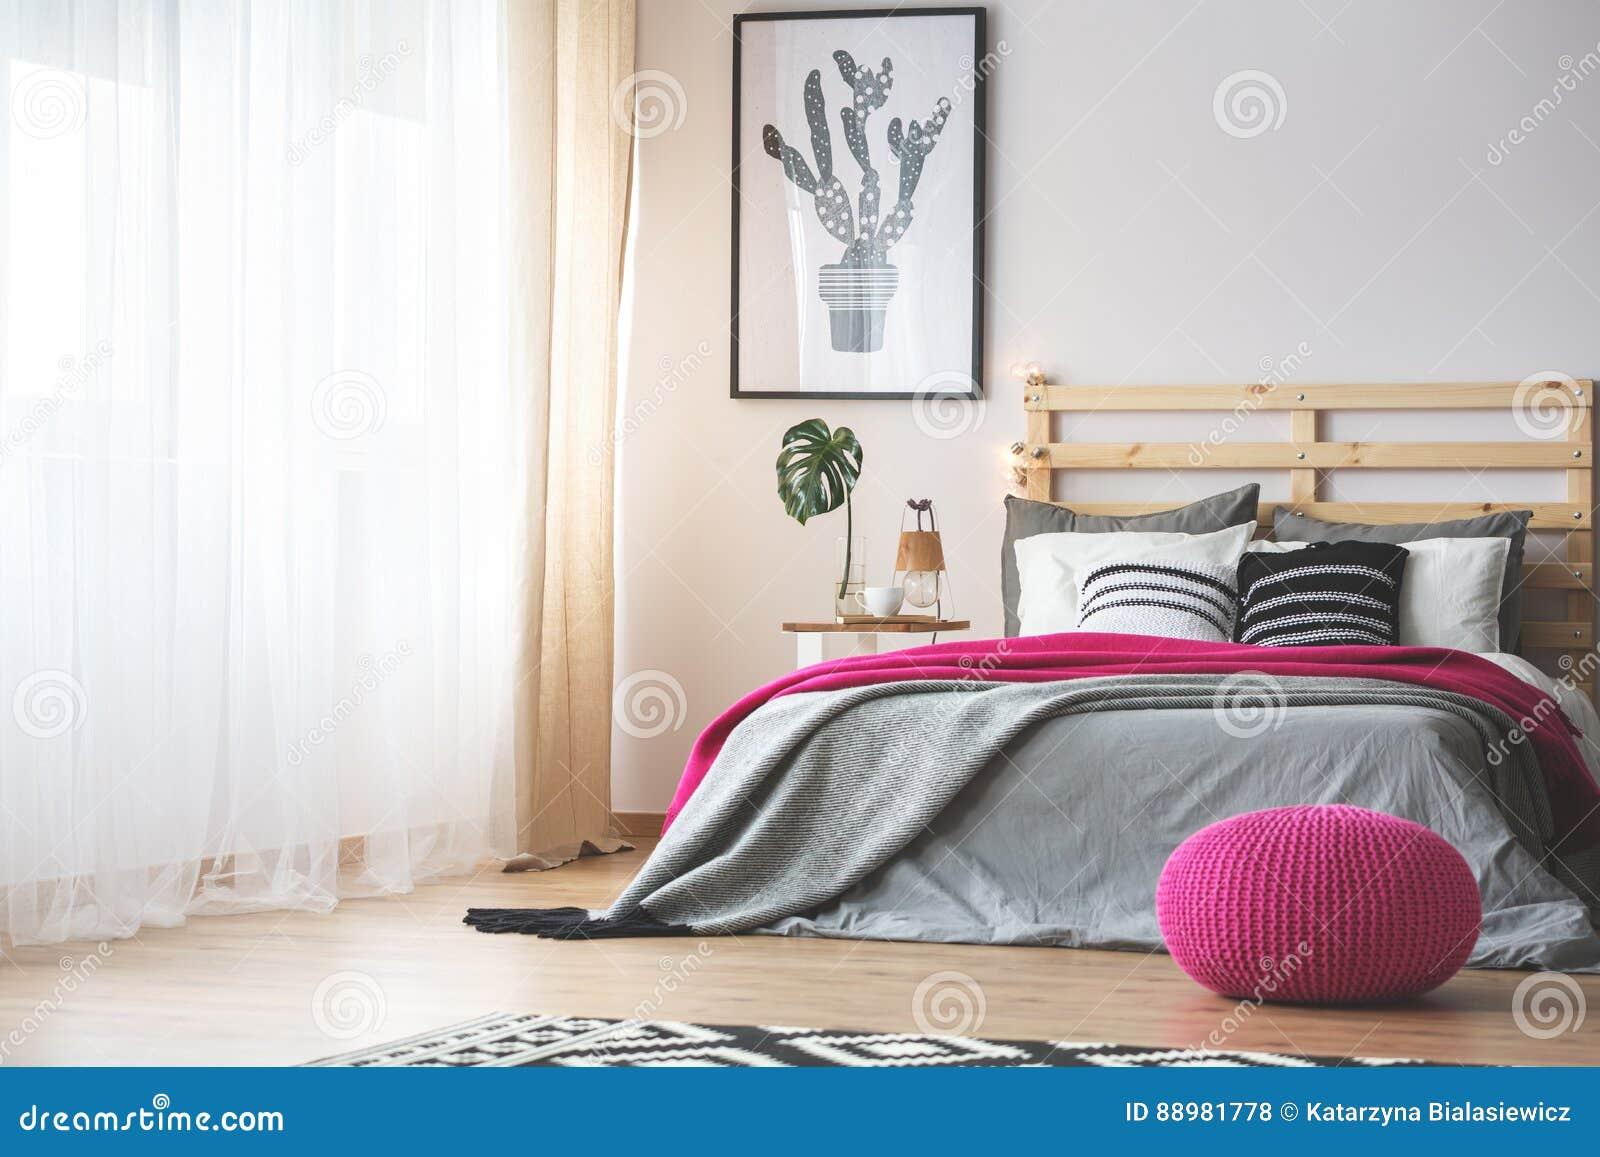 Slaapkamer Grijs Roze : Slaapkamer met roze toebehoren stock foto afbeelding bestaande